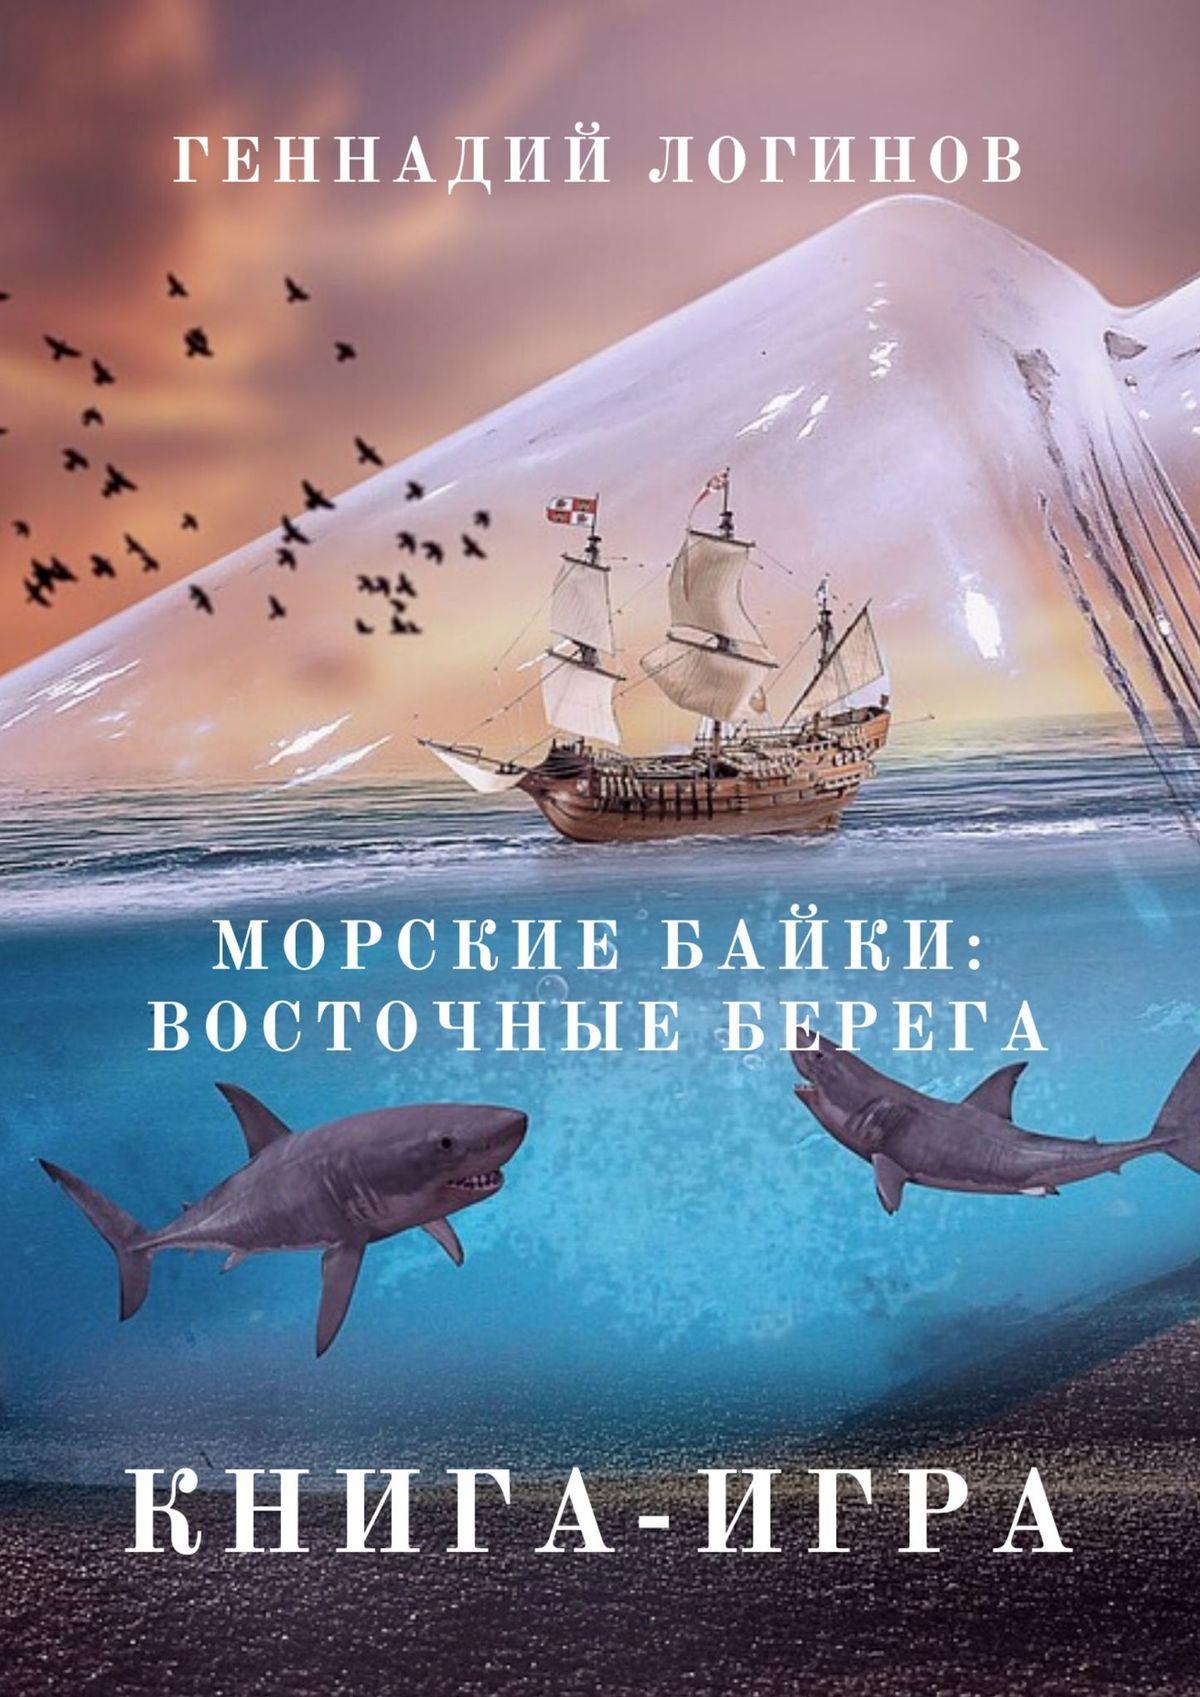 Геннадий Логинов Восточные берега. Интерактивный роман